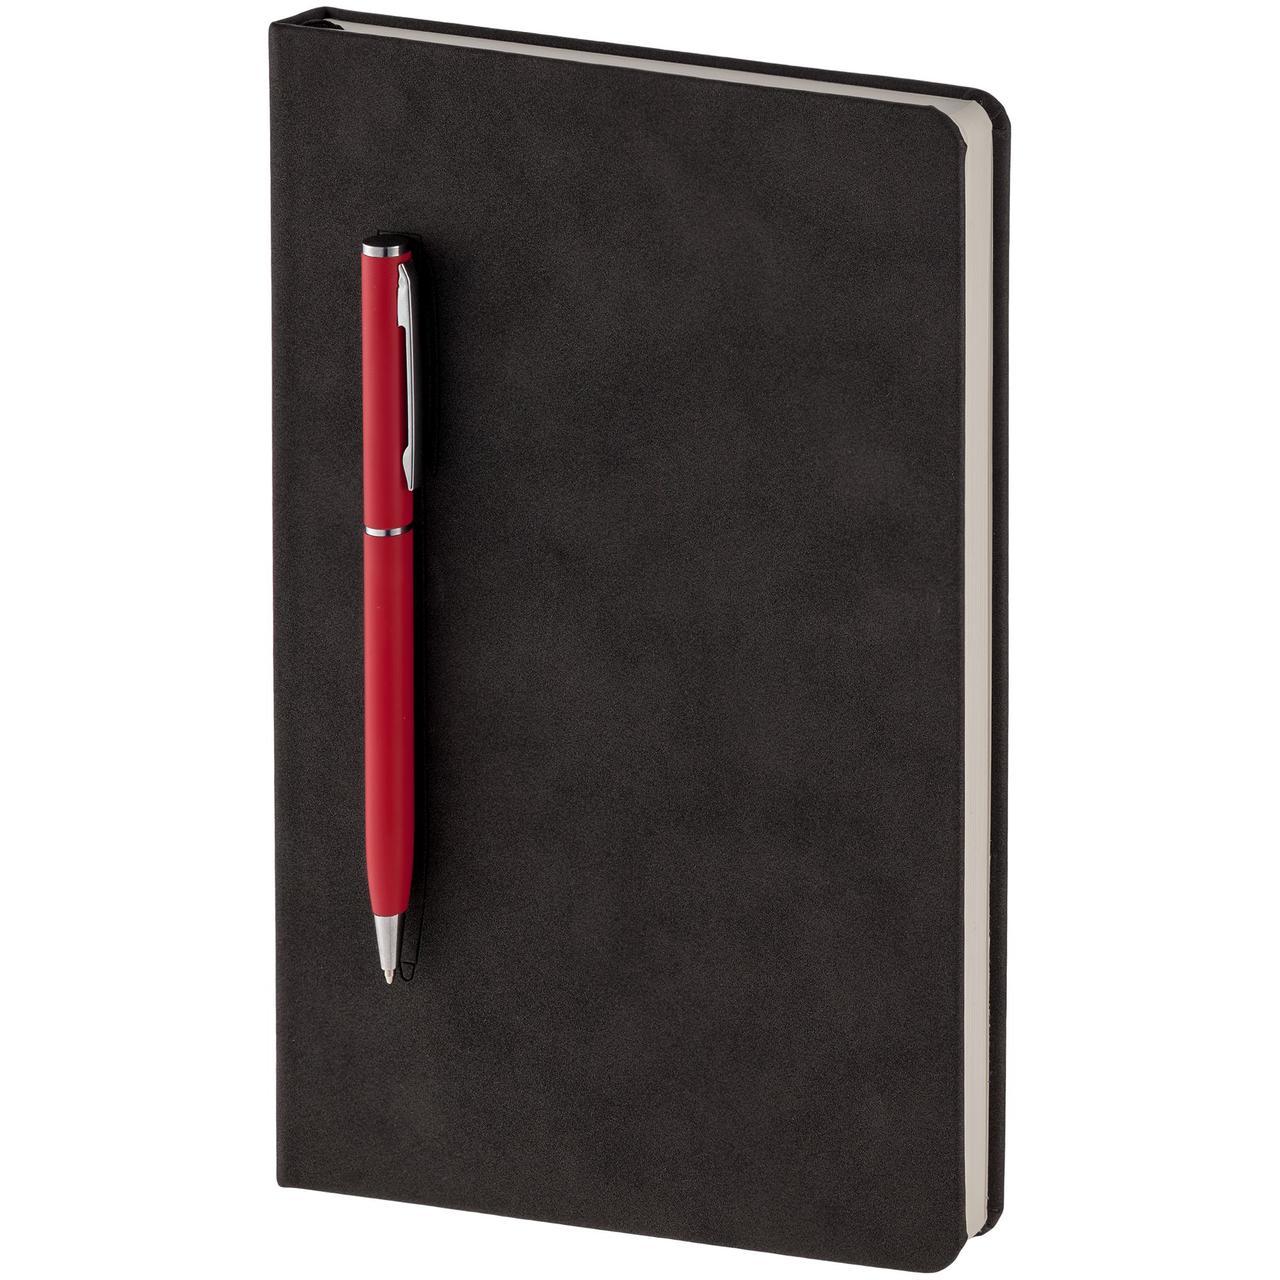 Блокнот Magnet Chrome с ручкой, черно-красный (артикул 15016.50)